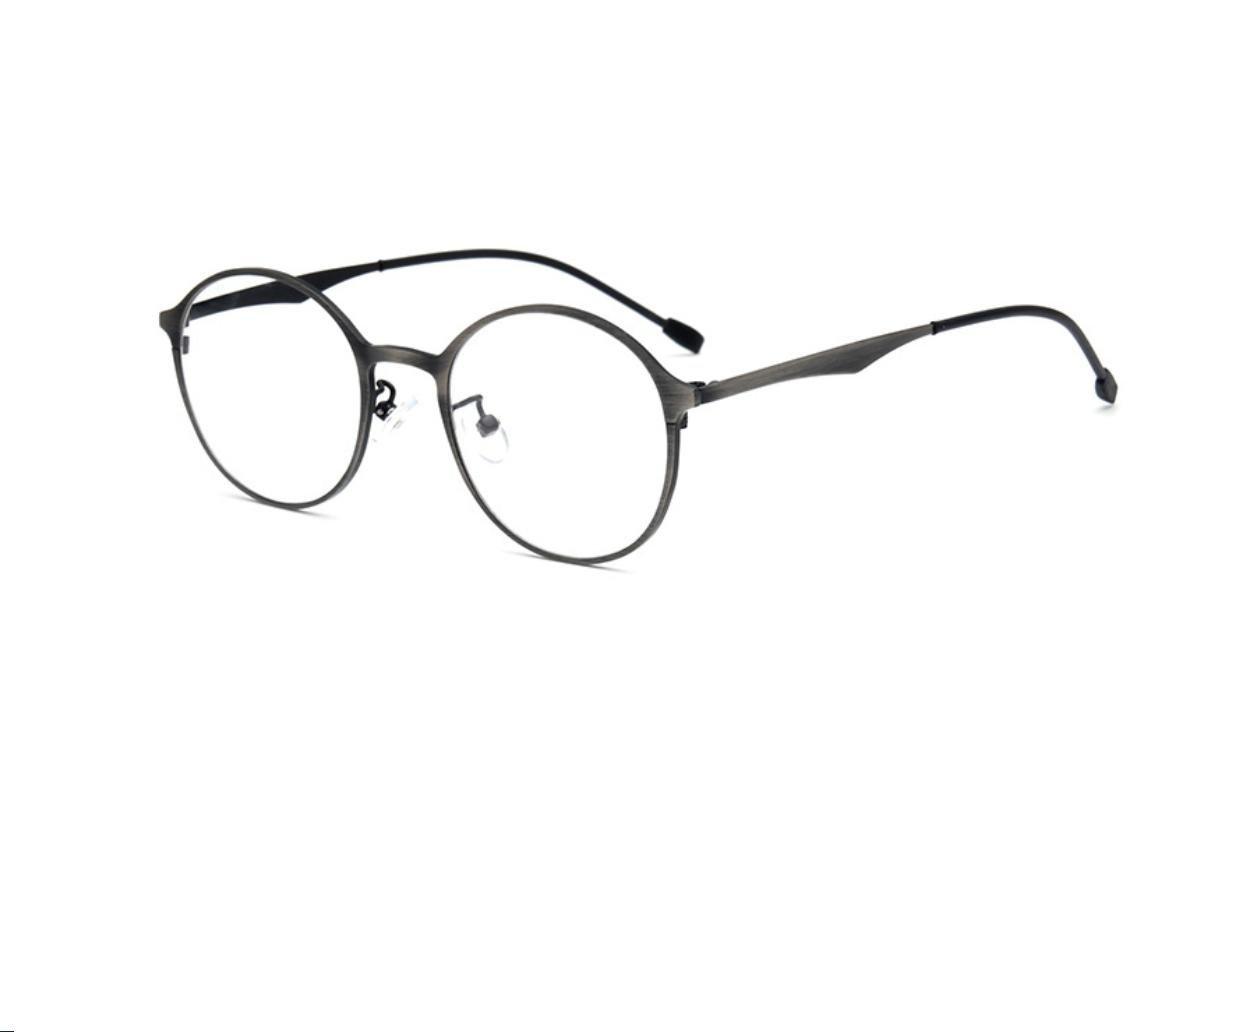 GCR Sunglasses Polarized light Shade glasses Léger et confortable inox lunettes femmes de cadres rétro mâle myopie verres circulaires , c4